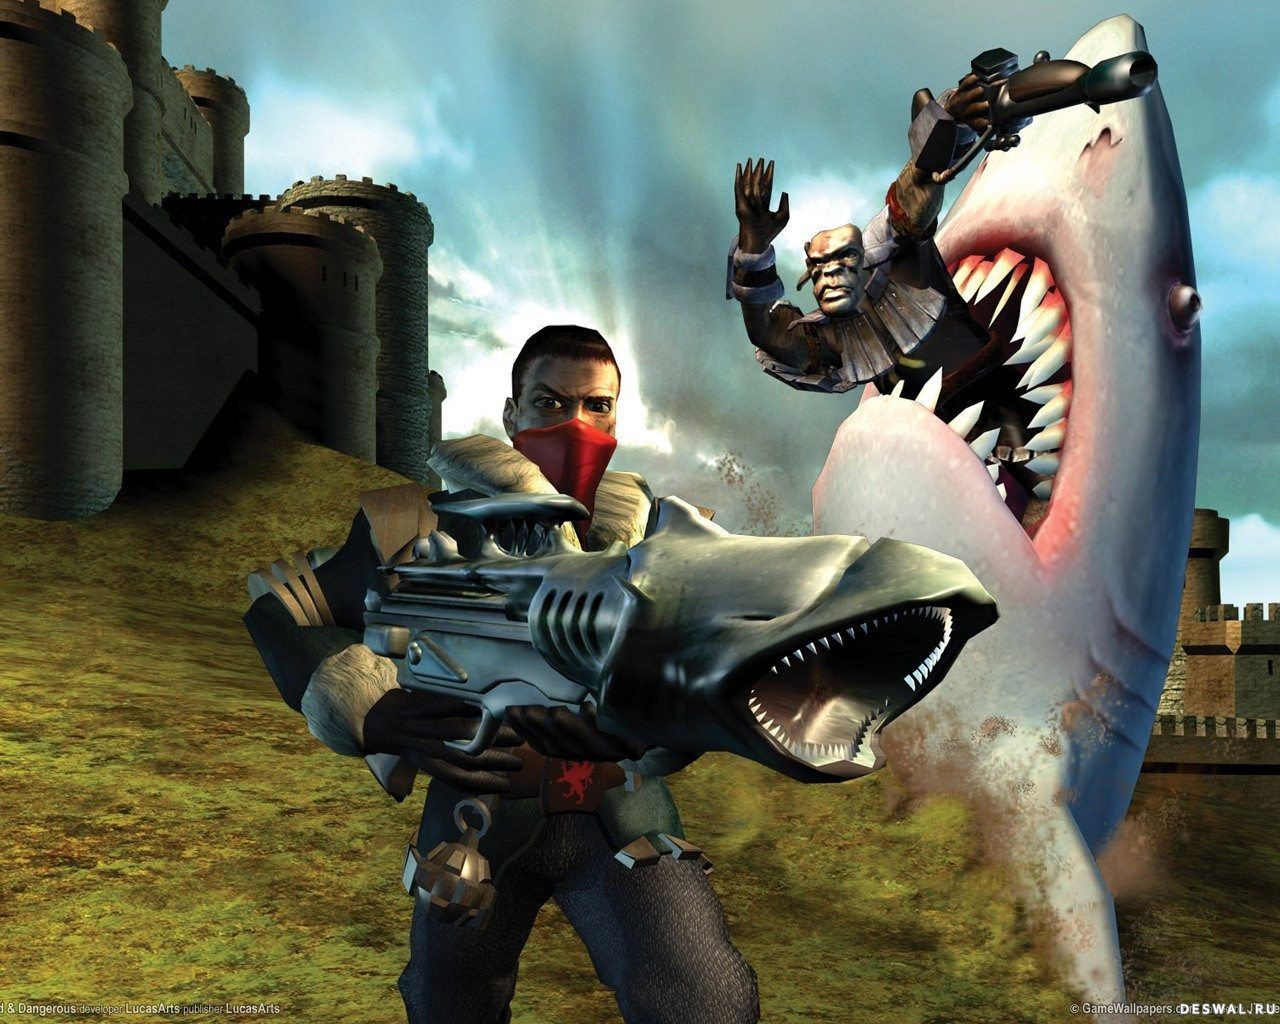 Фото 7.. Нажмите на картинку с компьютерной игрой, чтобы просмотреть ее в реальном размере